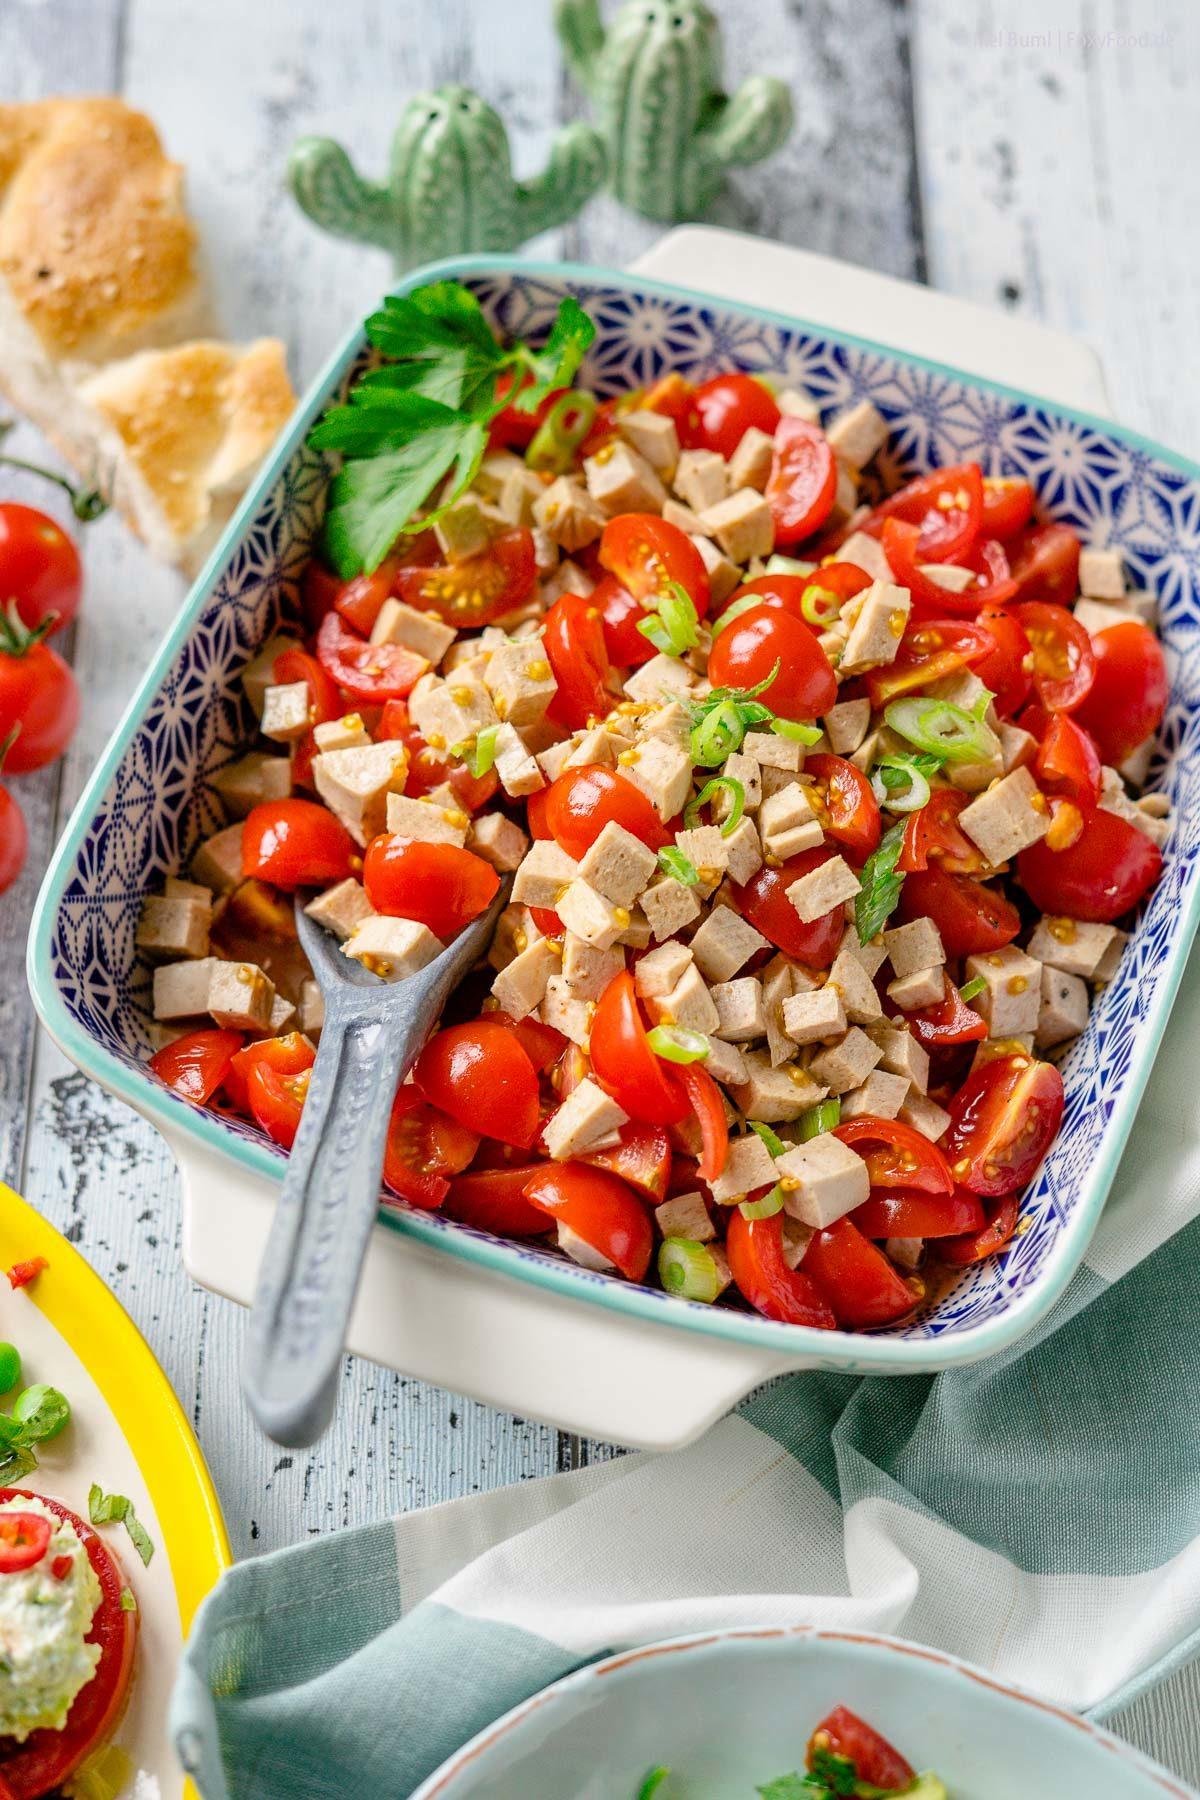 Schlesischer Tomaten-Wurst-Salat Meine 3 liebsten Tomatensalate für den Sommer  FoxyFood.de